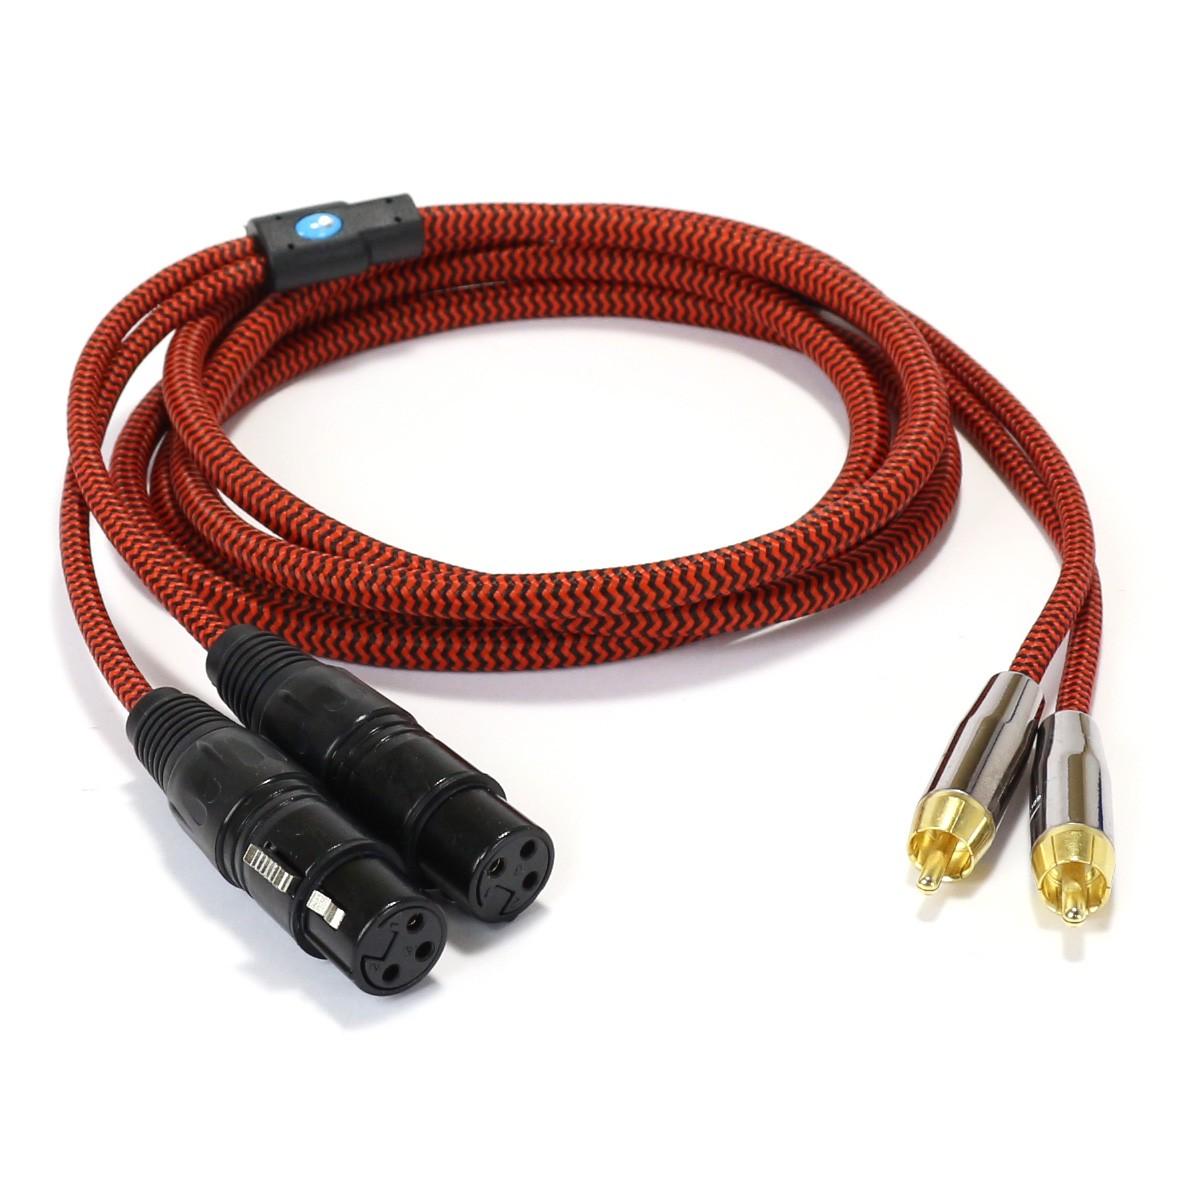 CYK Câble de modulation stéréo RCA - XLR femelle Cuivre OFC plaqué Or 24K 5m